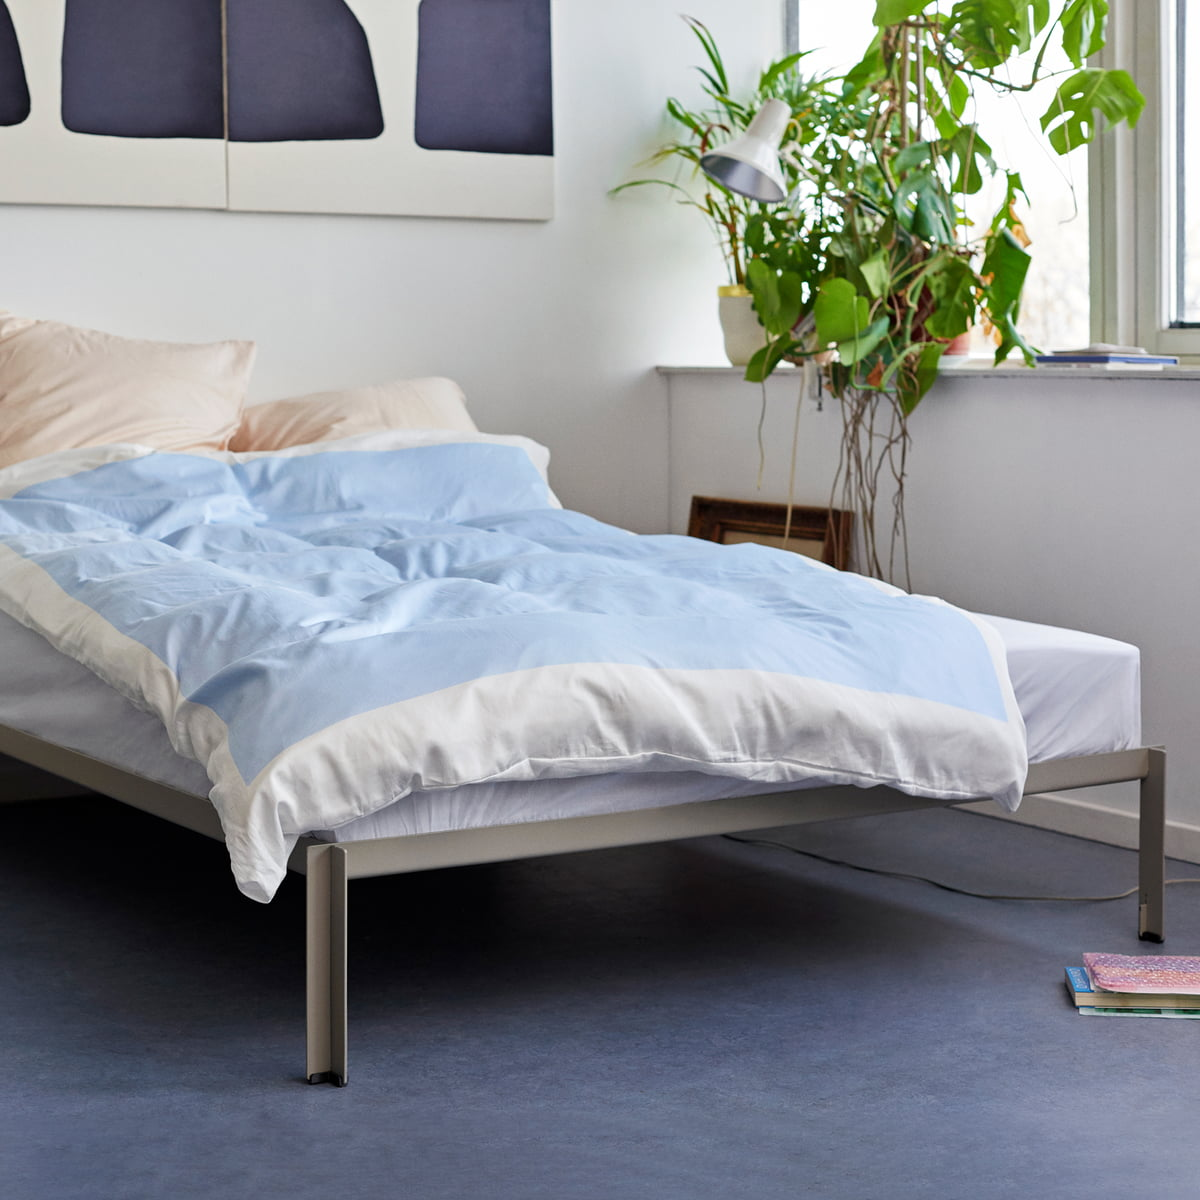 Full Size of Bett Schlicht Connect Von Hay Connox Breite Jugend Kolonialstil Matratze 120 X 200 Weißes 160x200 Ausgefallene Betten 200x200 180x200 Mit Lattenrost Und Bett Bett Schlicht